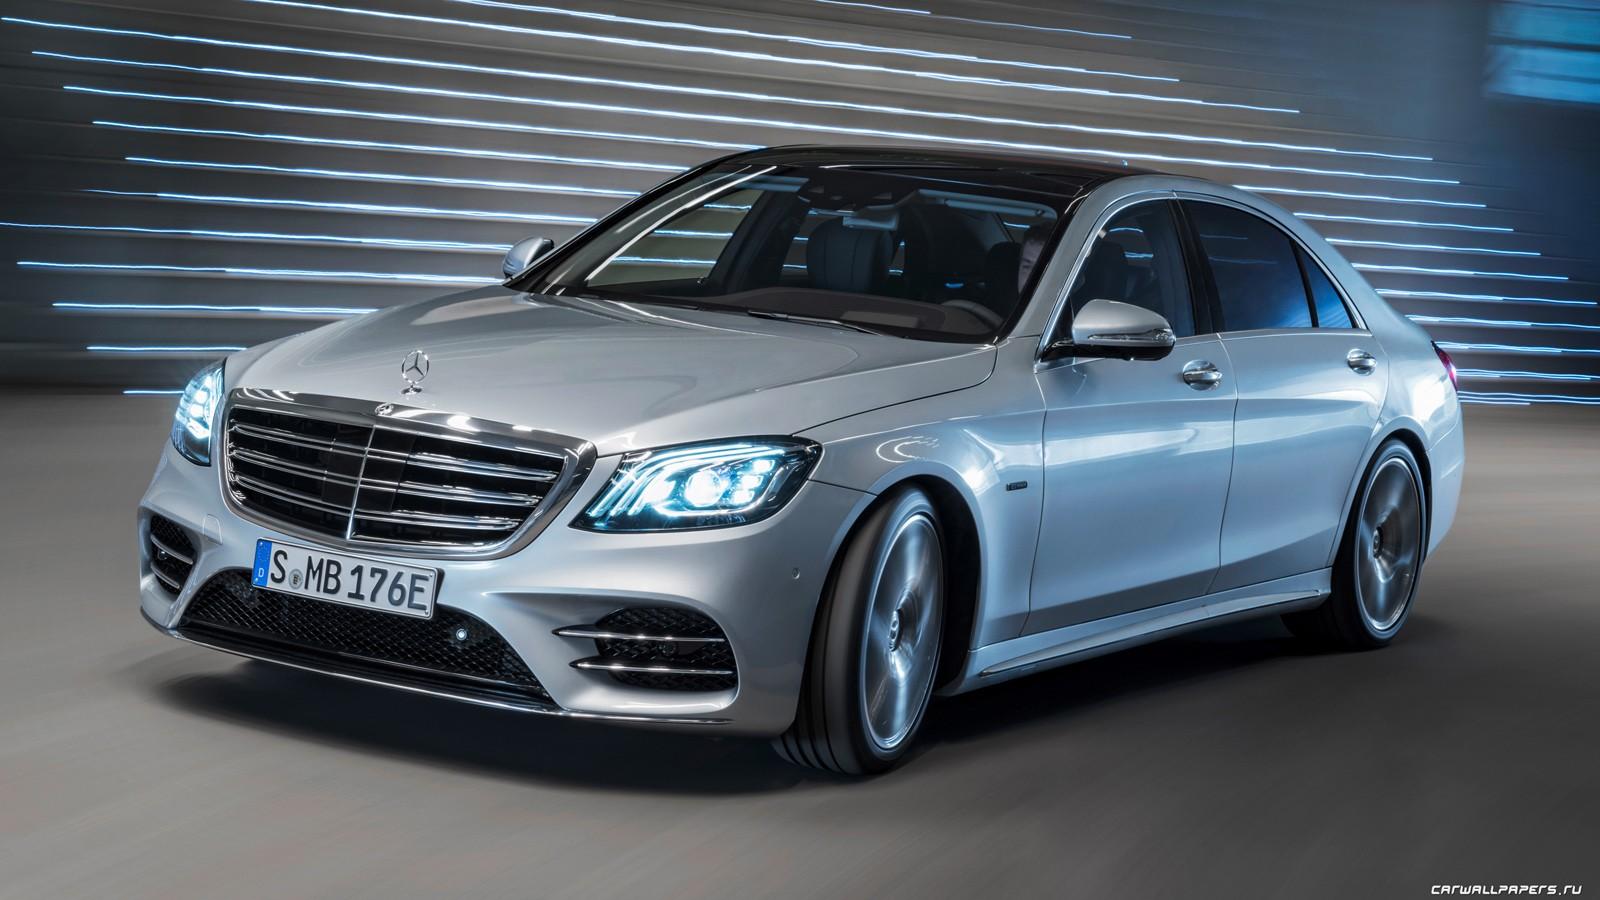 Набюджетные деньги запретят покупать авто дороже 2 млн руб